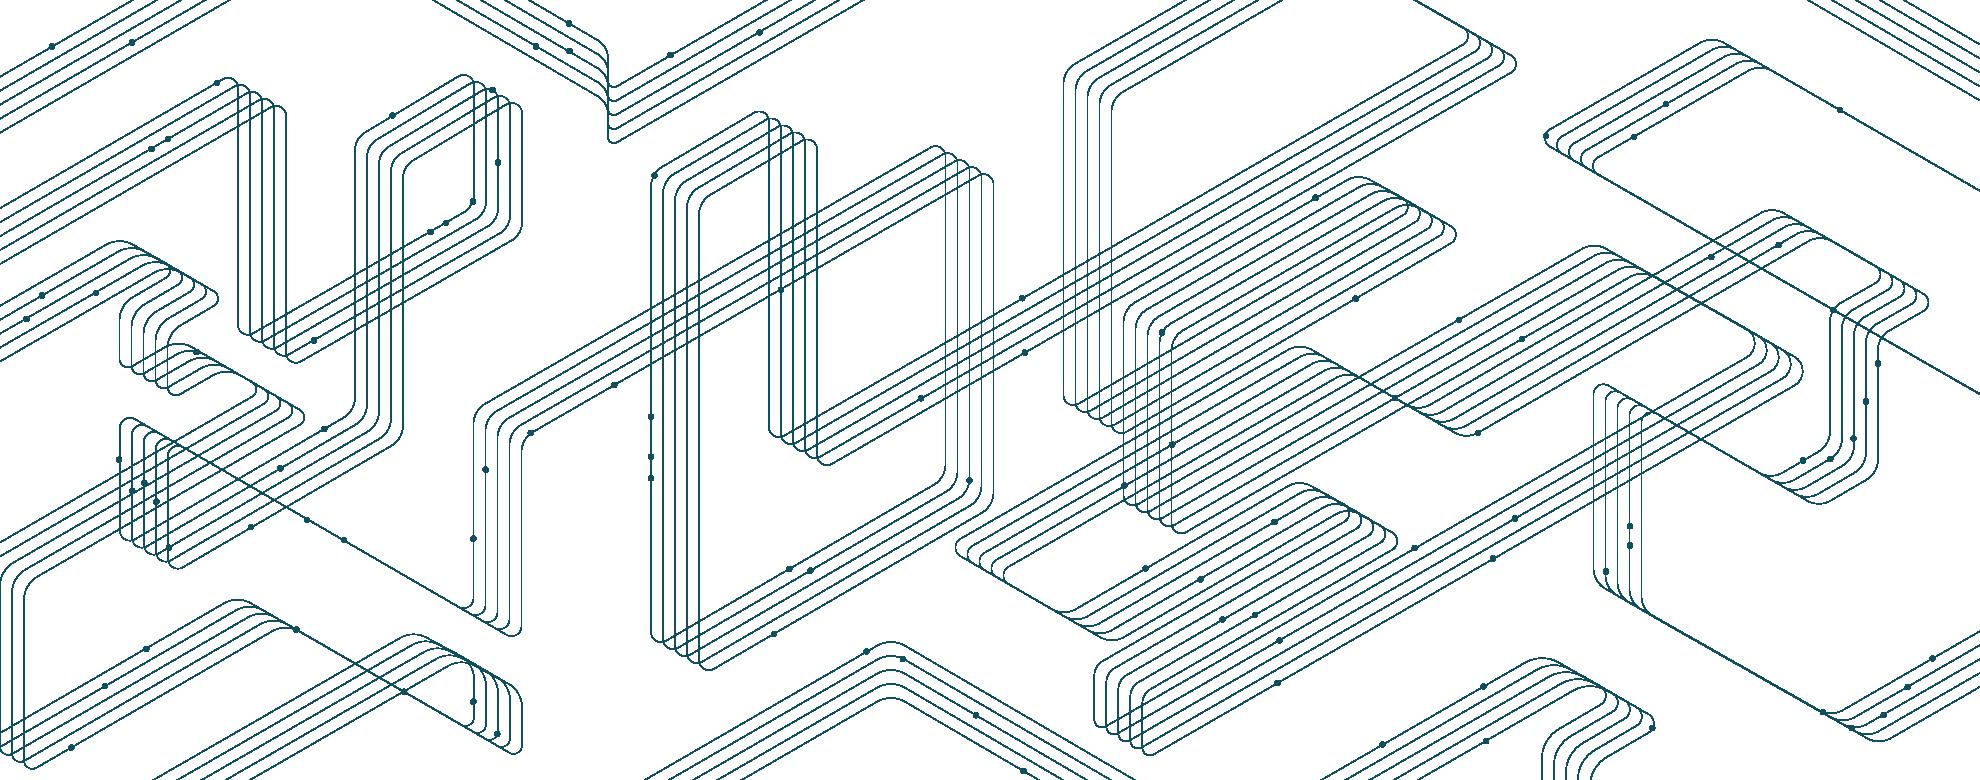 background - data nodes